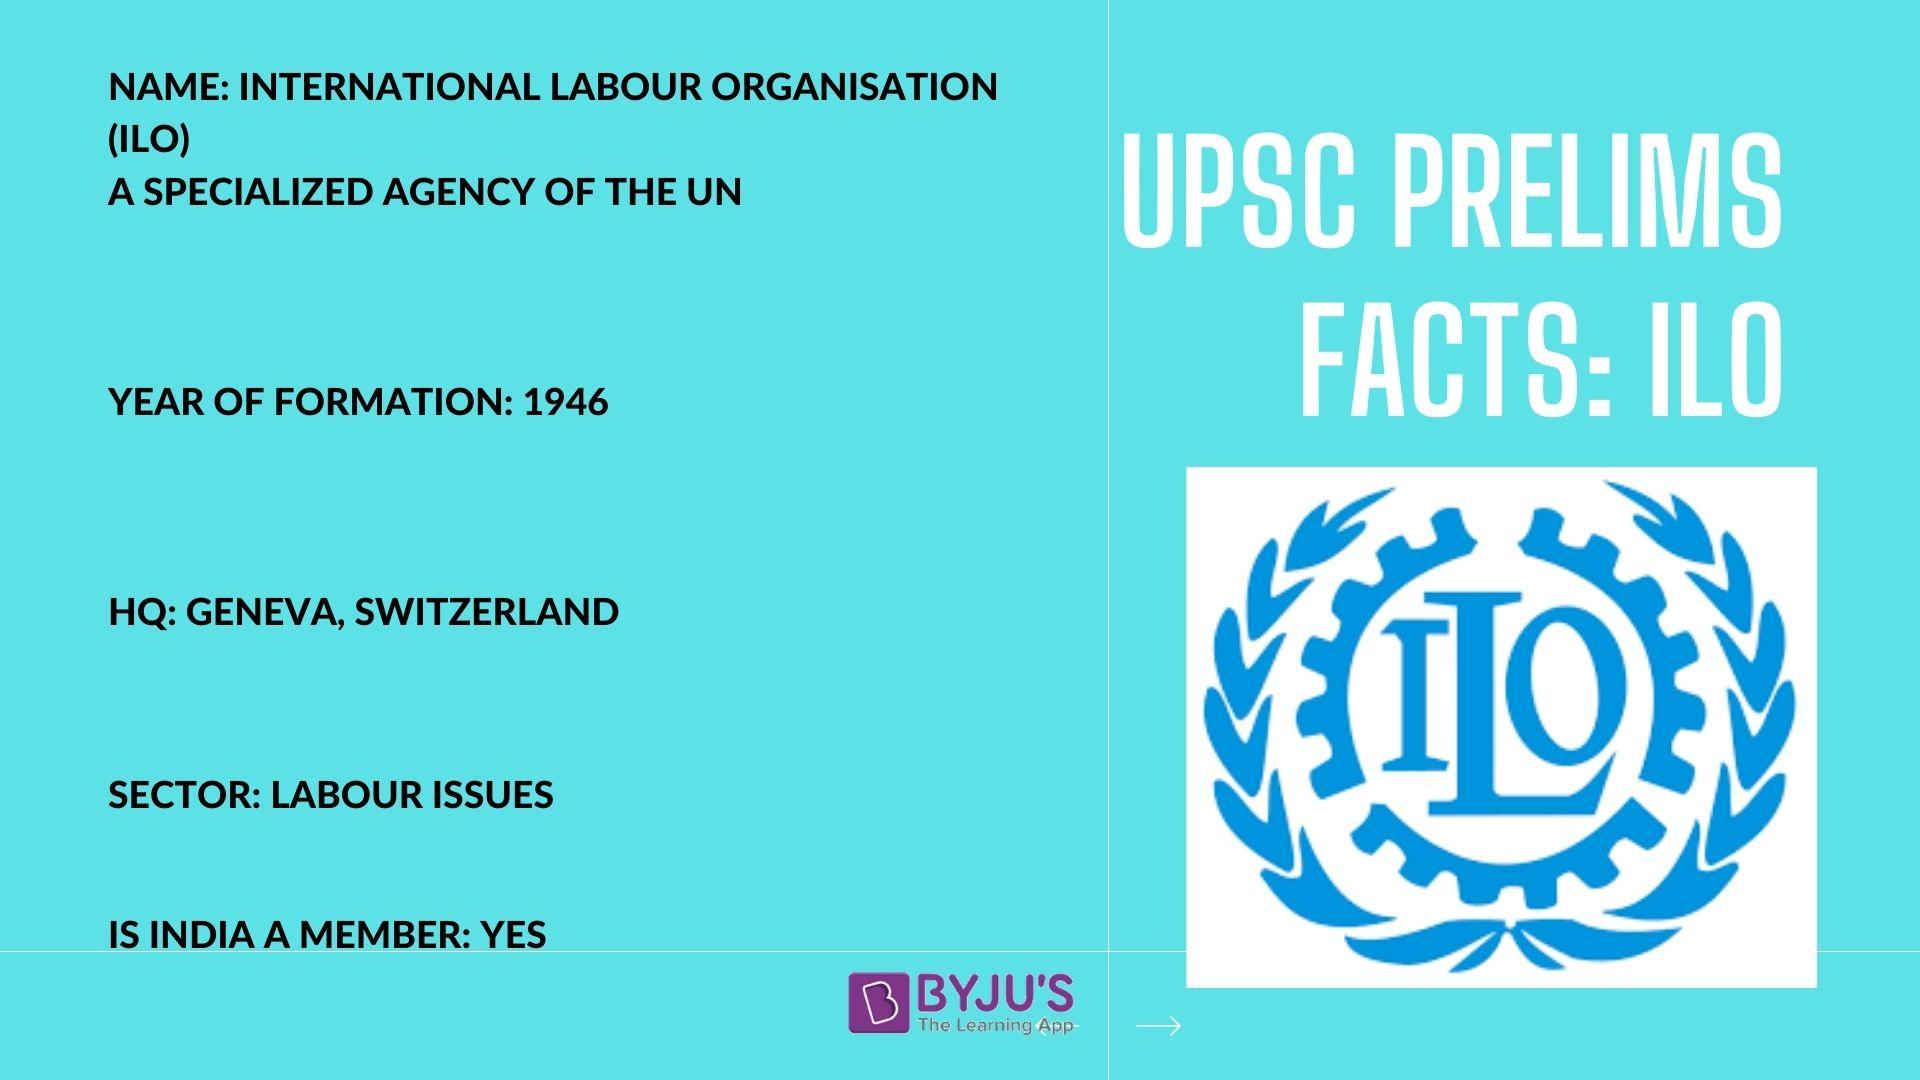 UPSC Prelims Facts - ILO